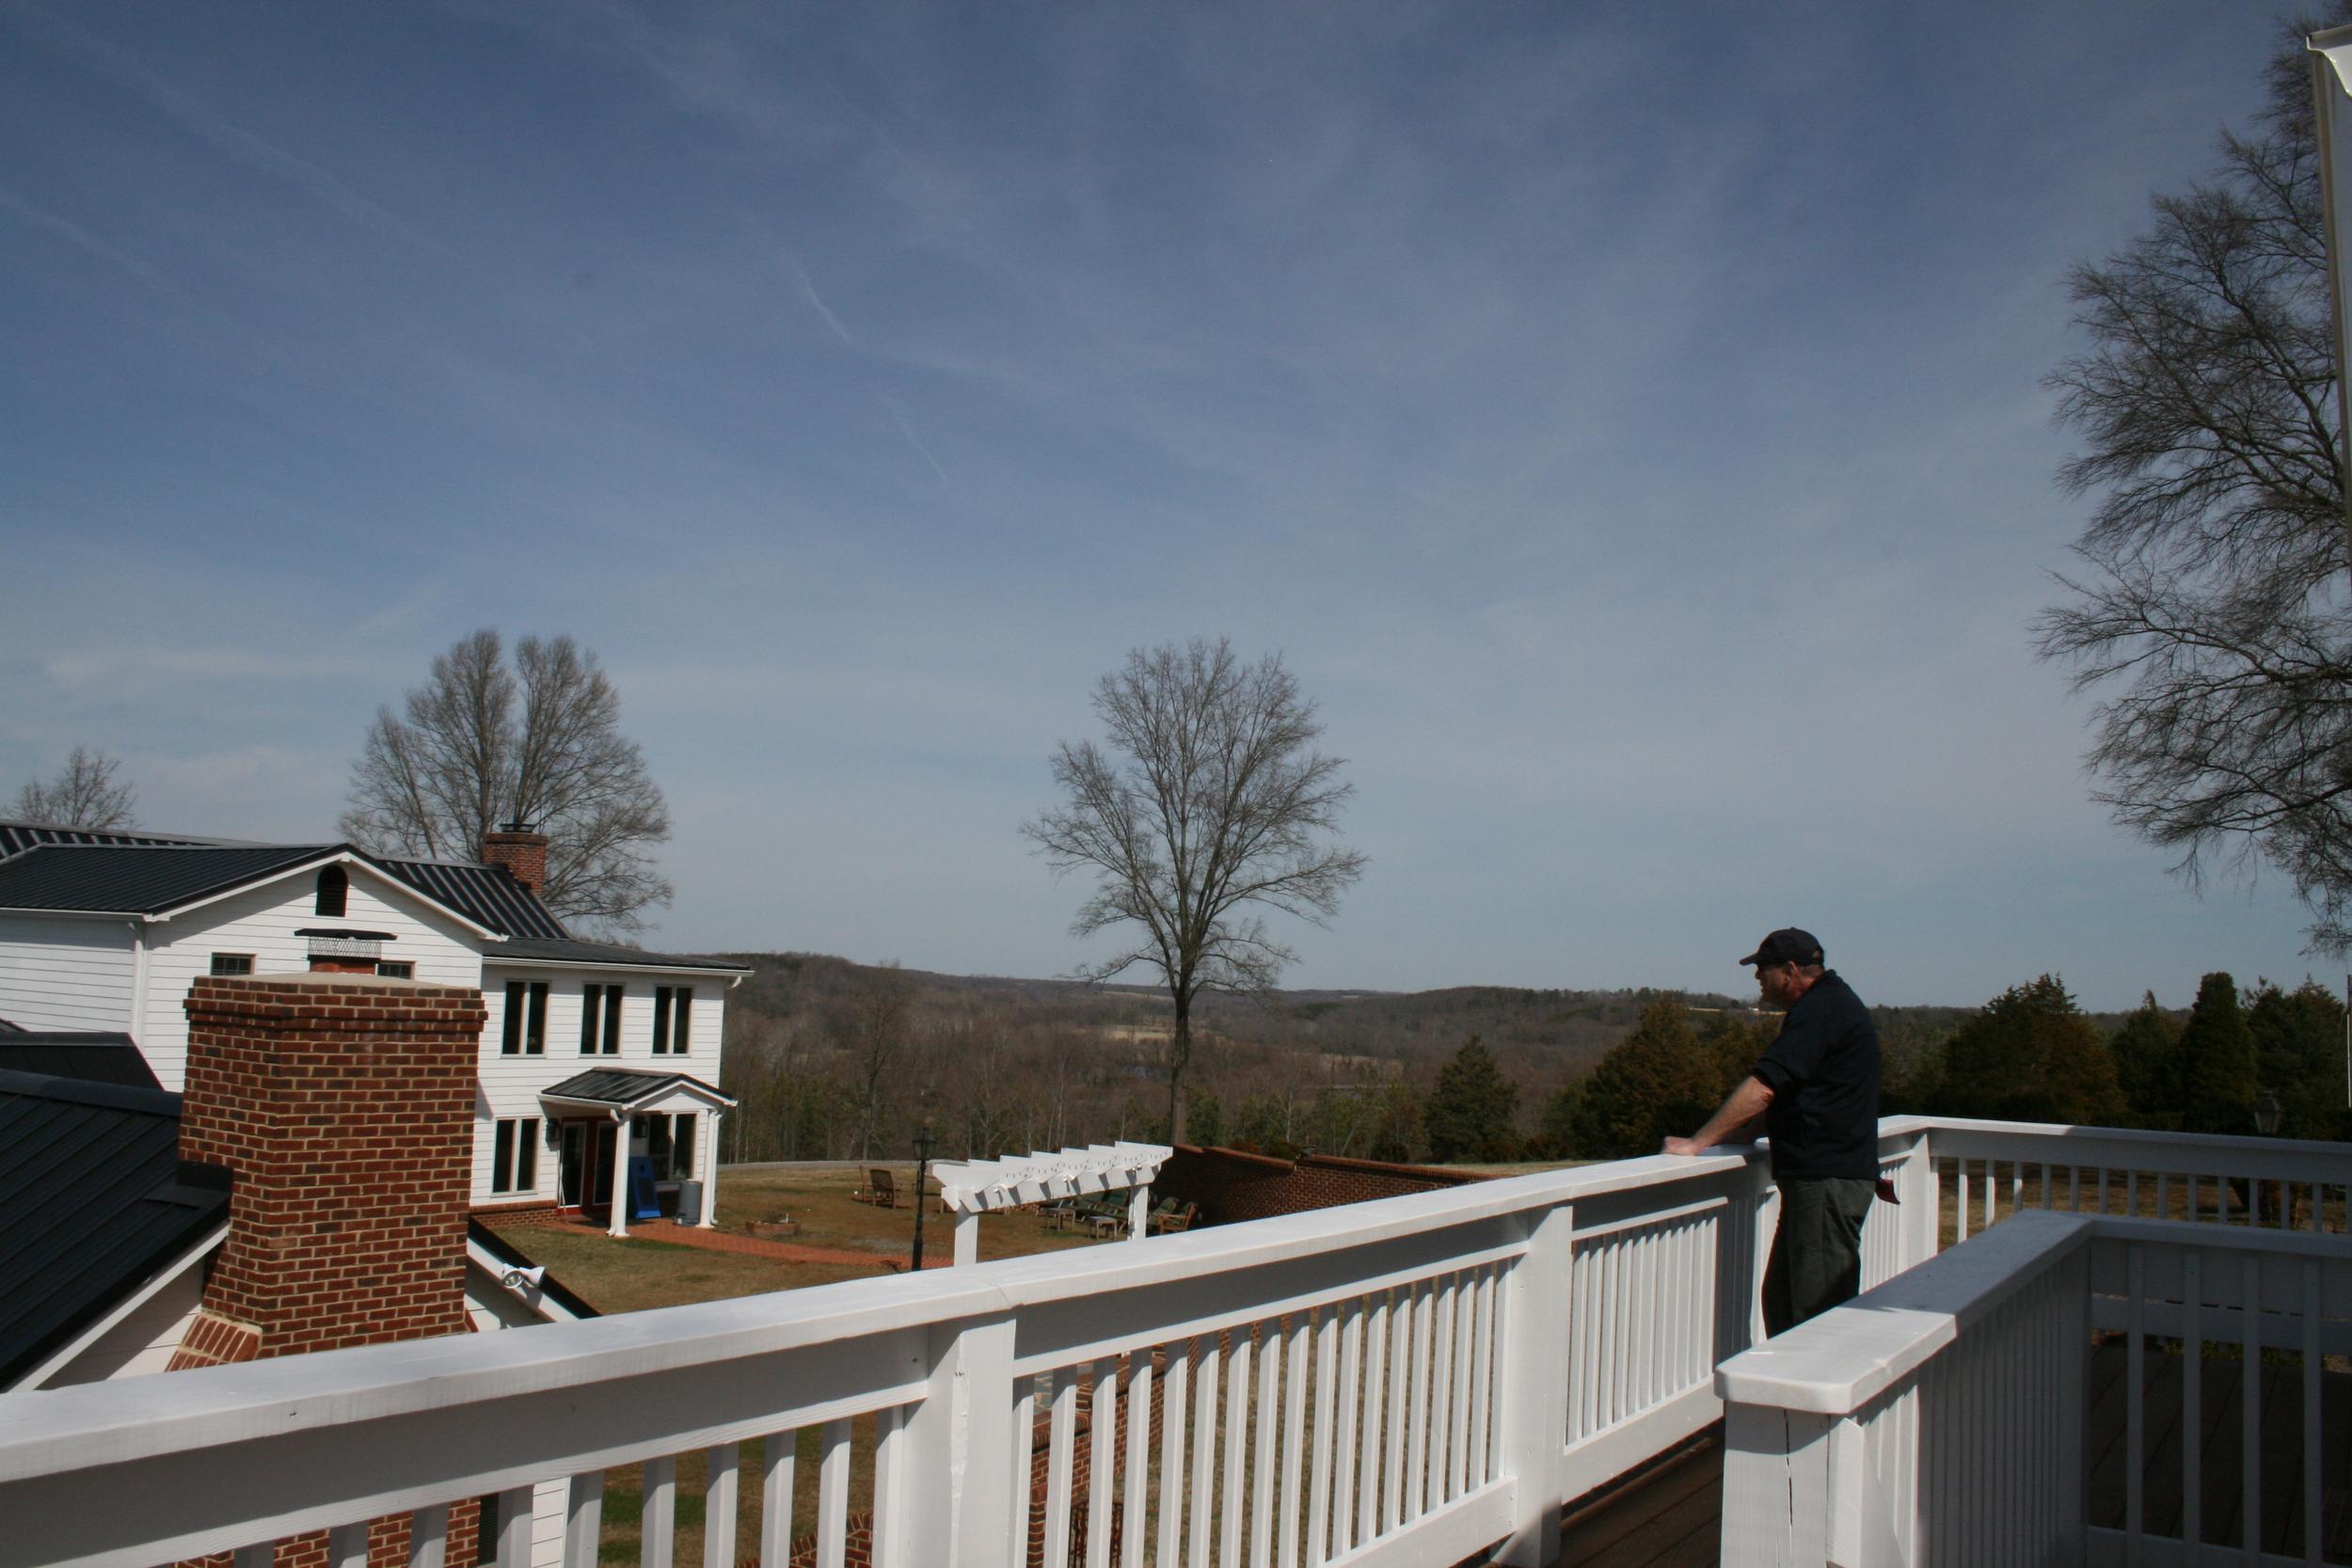 The Overlook Deck